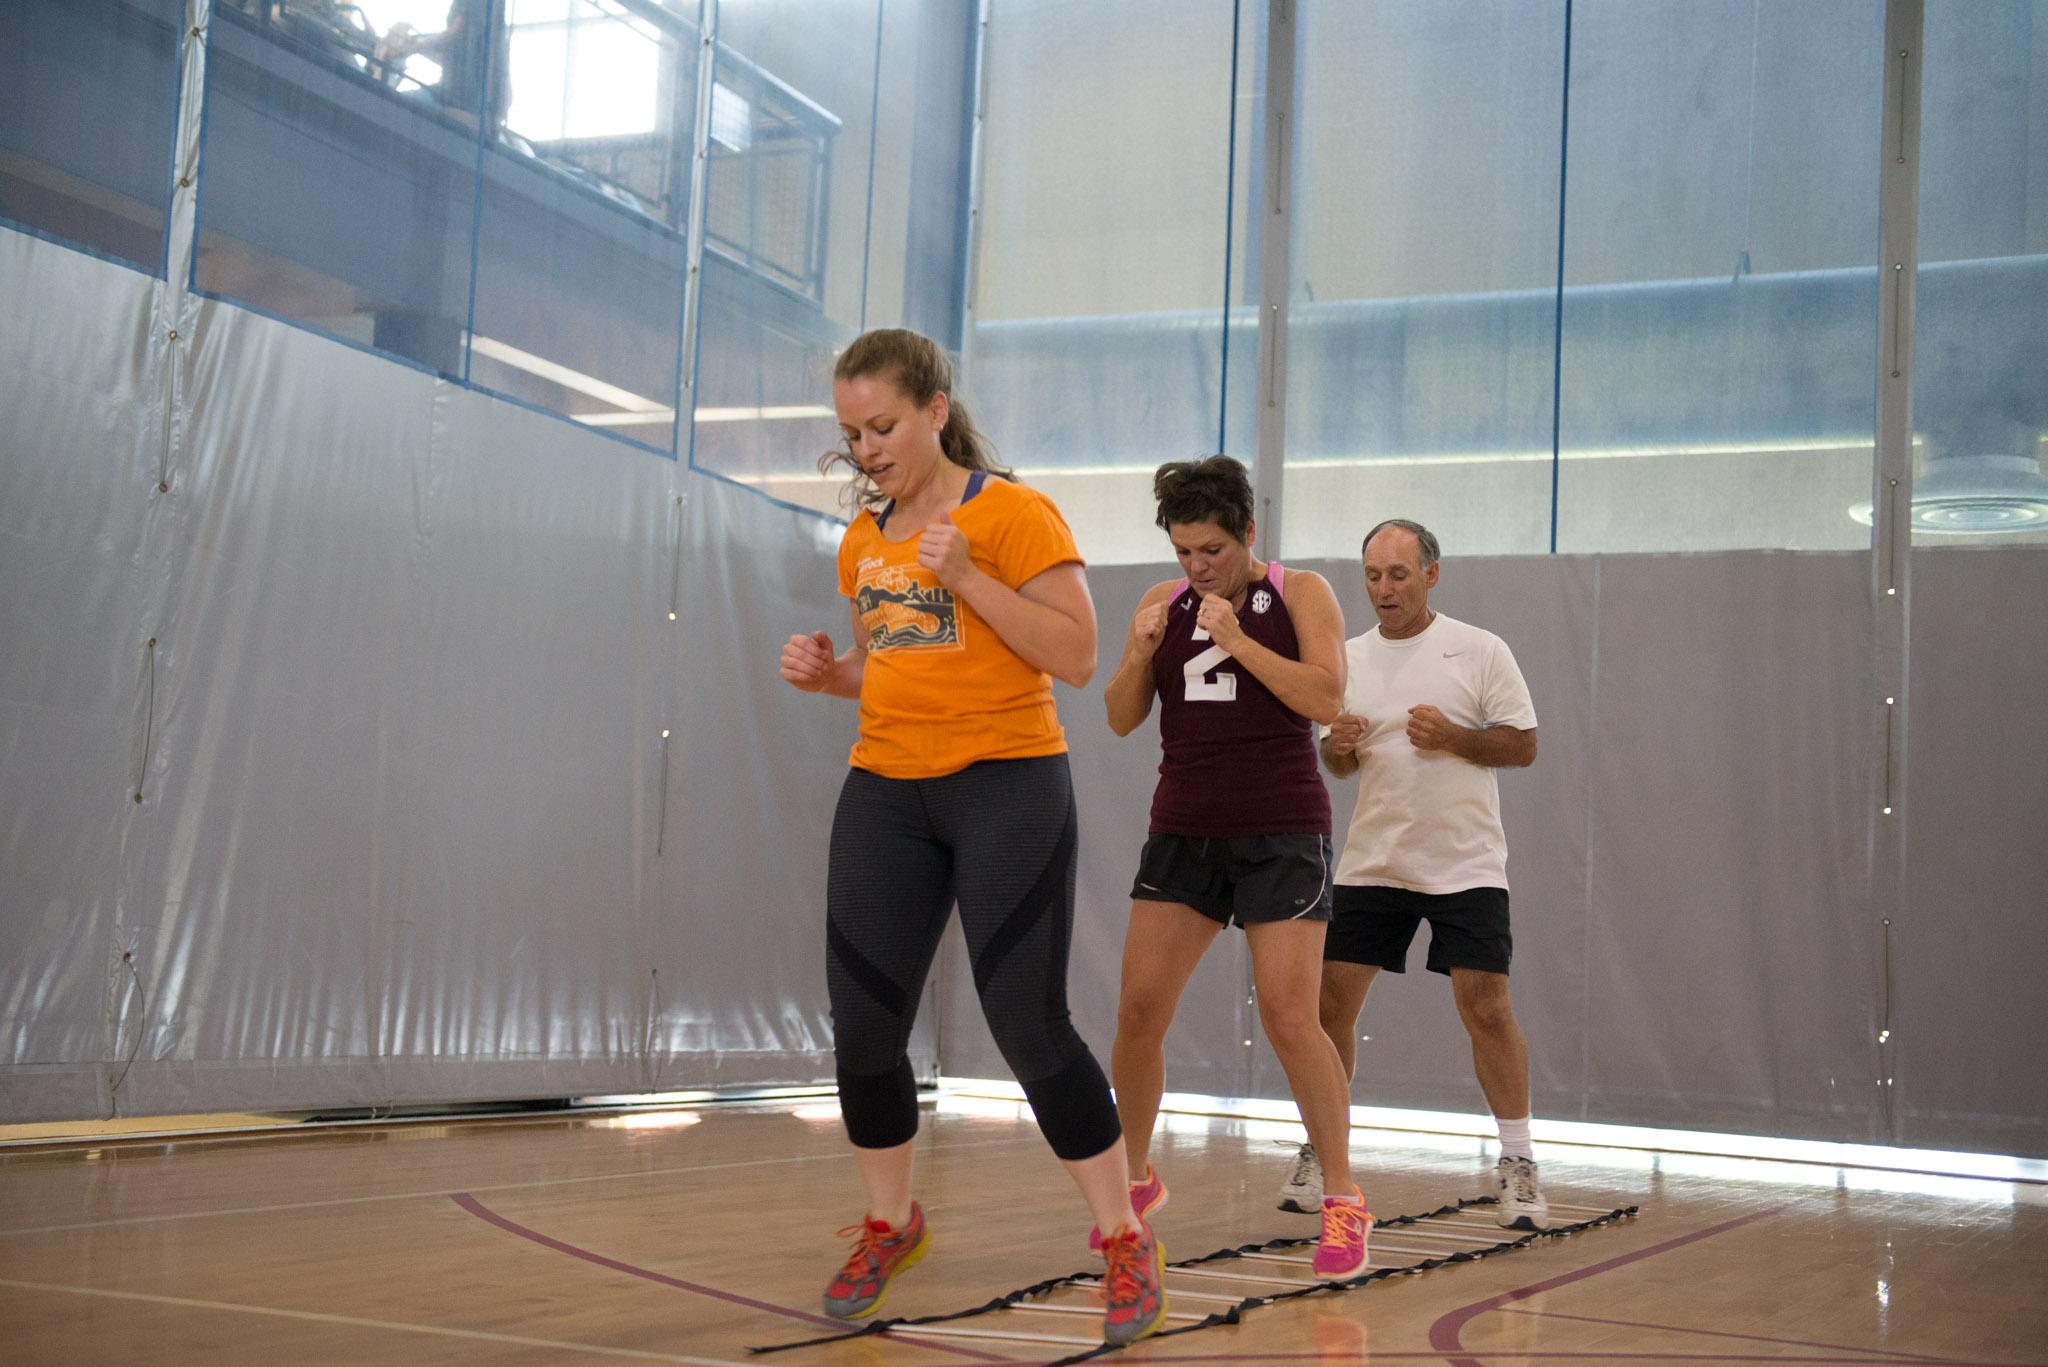 Wellness Center Stock Photos-1421.jpg